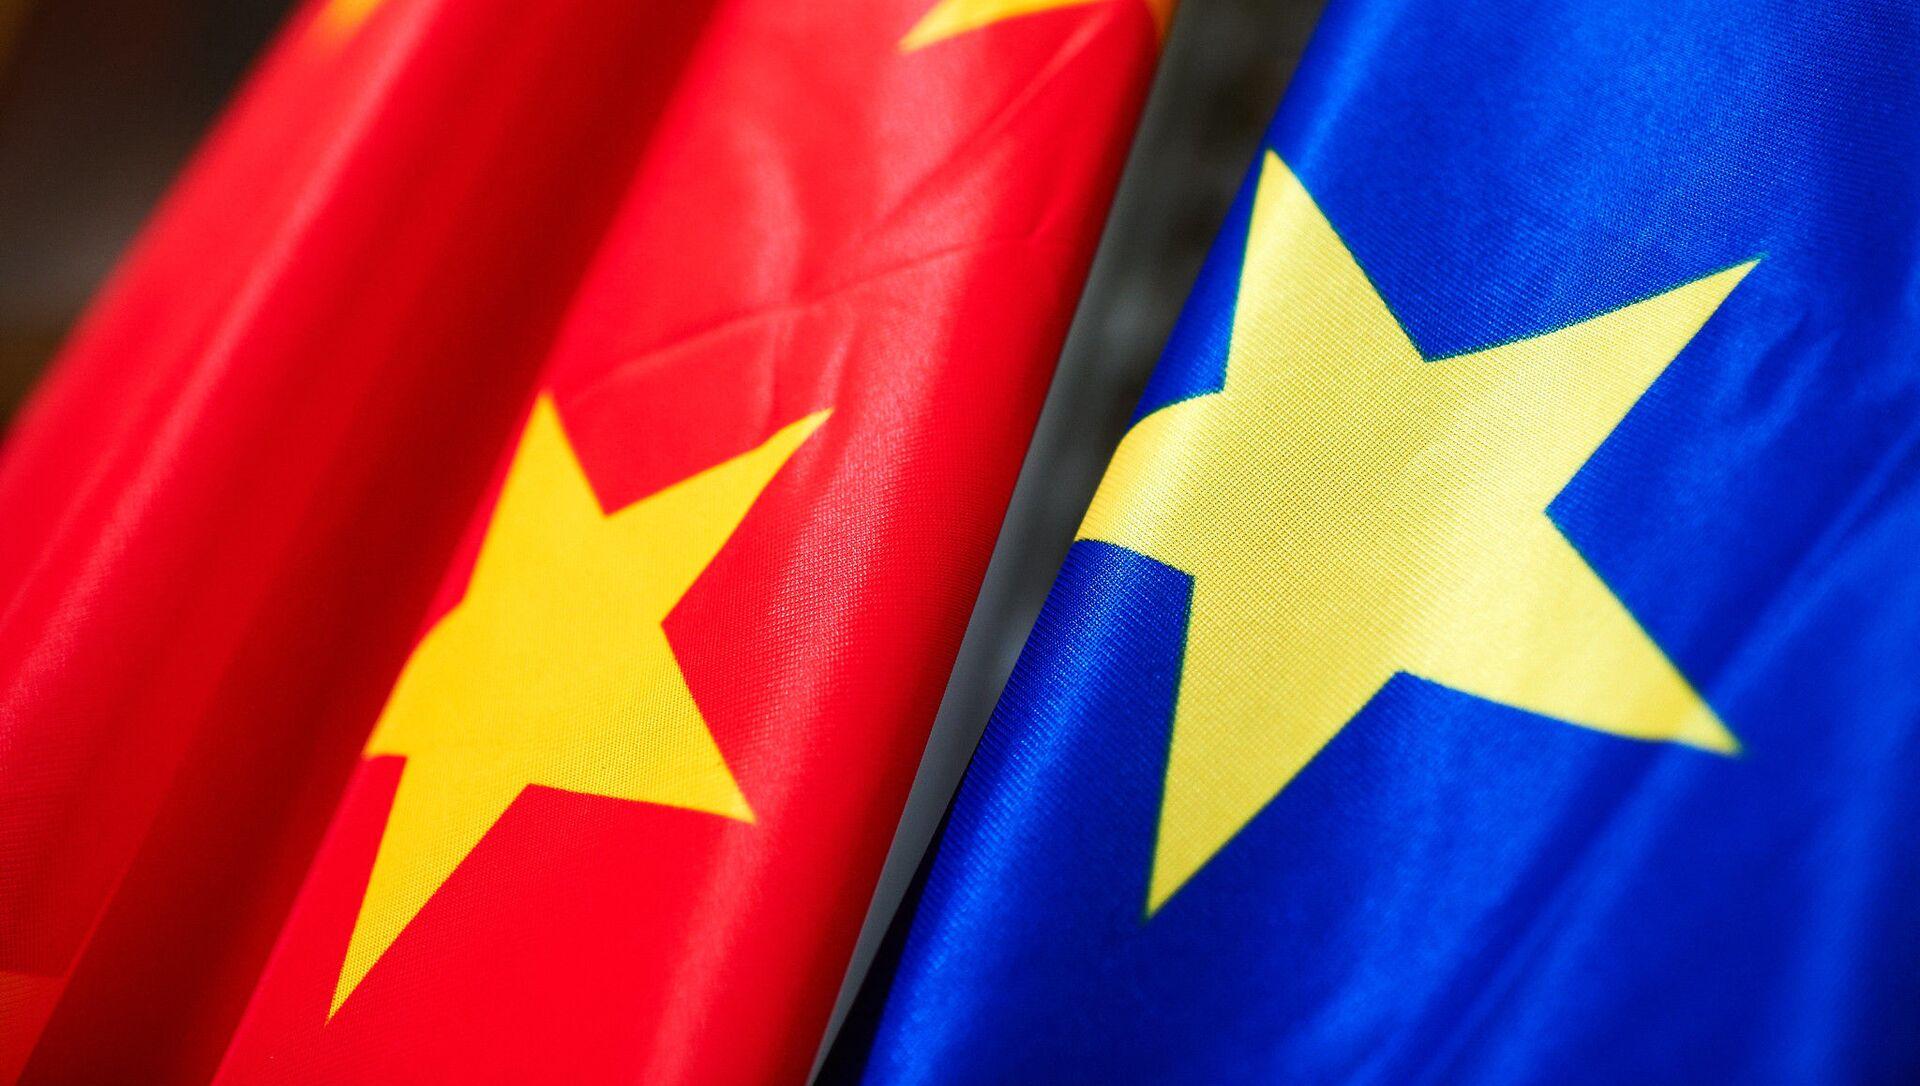 Bandiere di Cina e Ue - Sputnik Italia, 1920, 23.03.2021